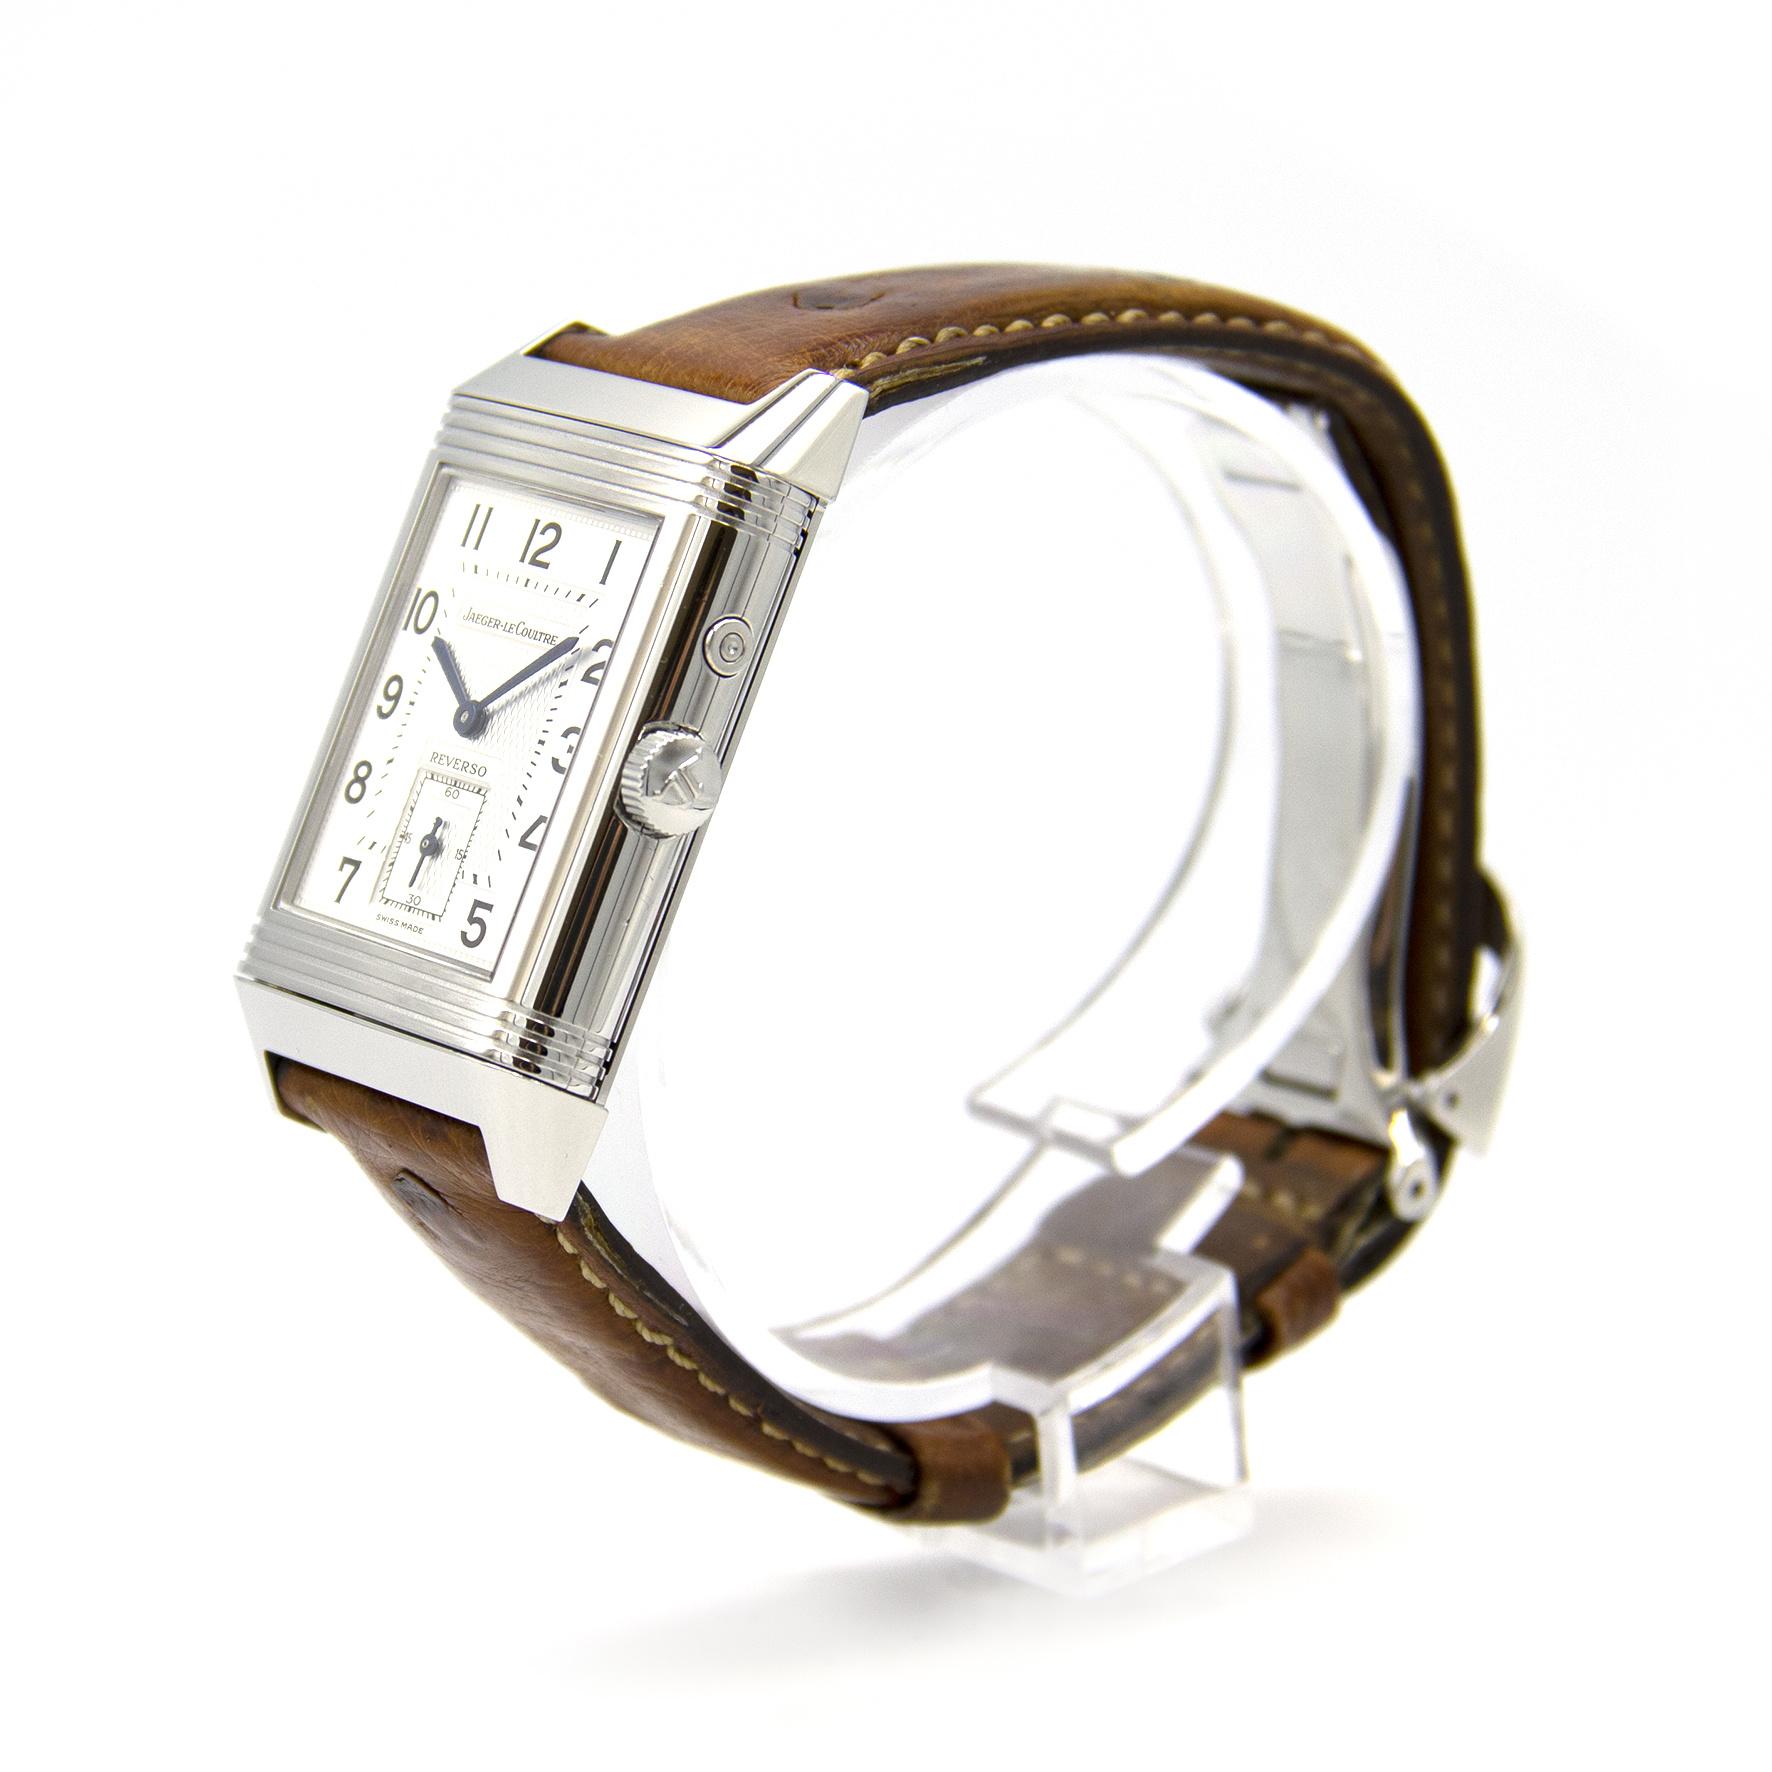 Jaeger-LeCoultre - Duo Face - Horloge Heren - 270.8.54-5